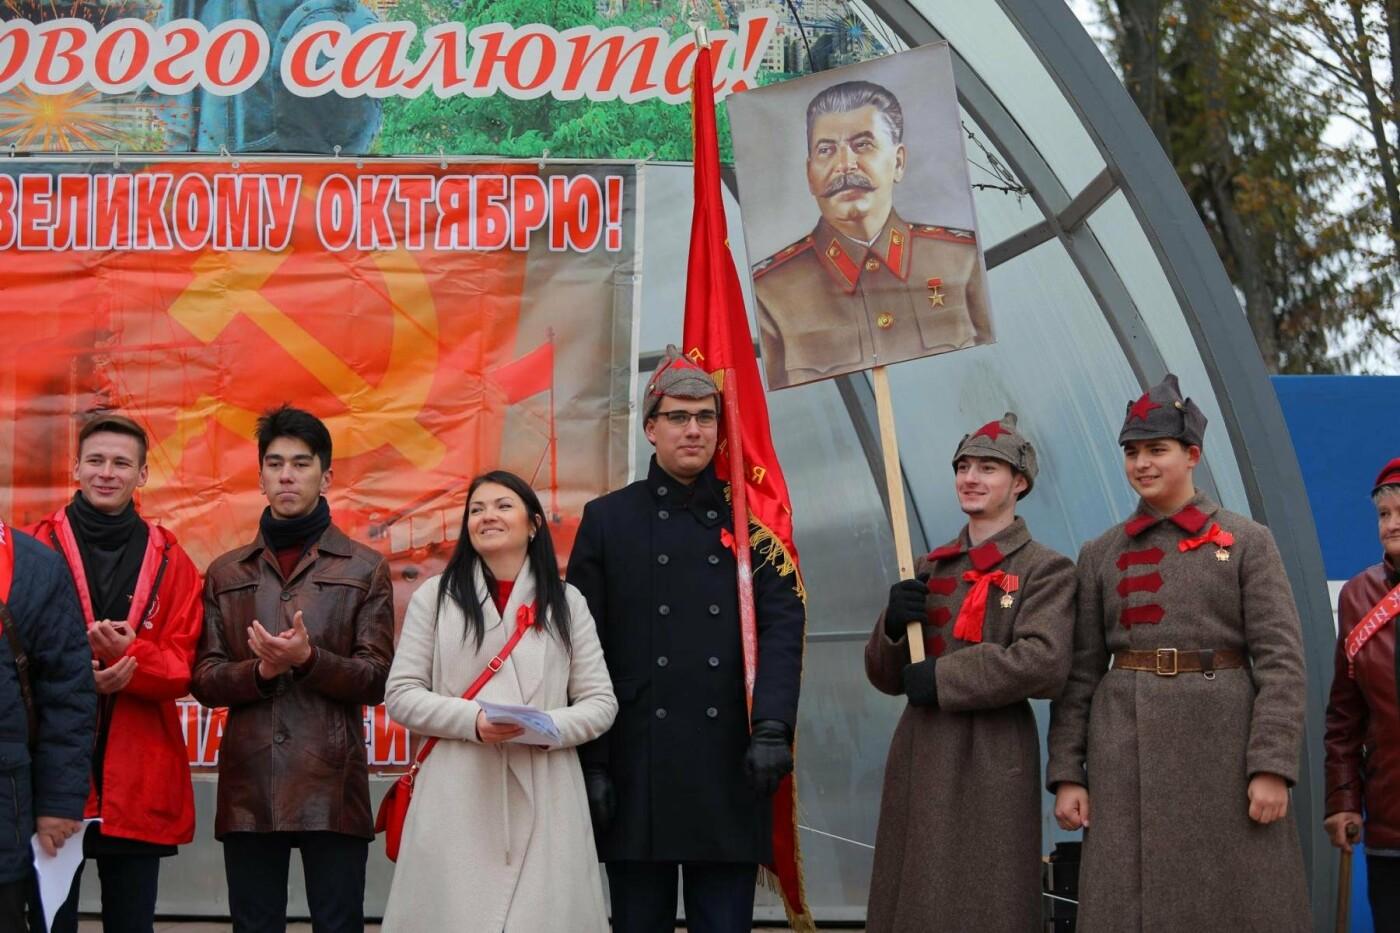 В парке Победы прошла демонстрация в честь 100-летия революции, фото-6